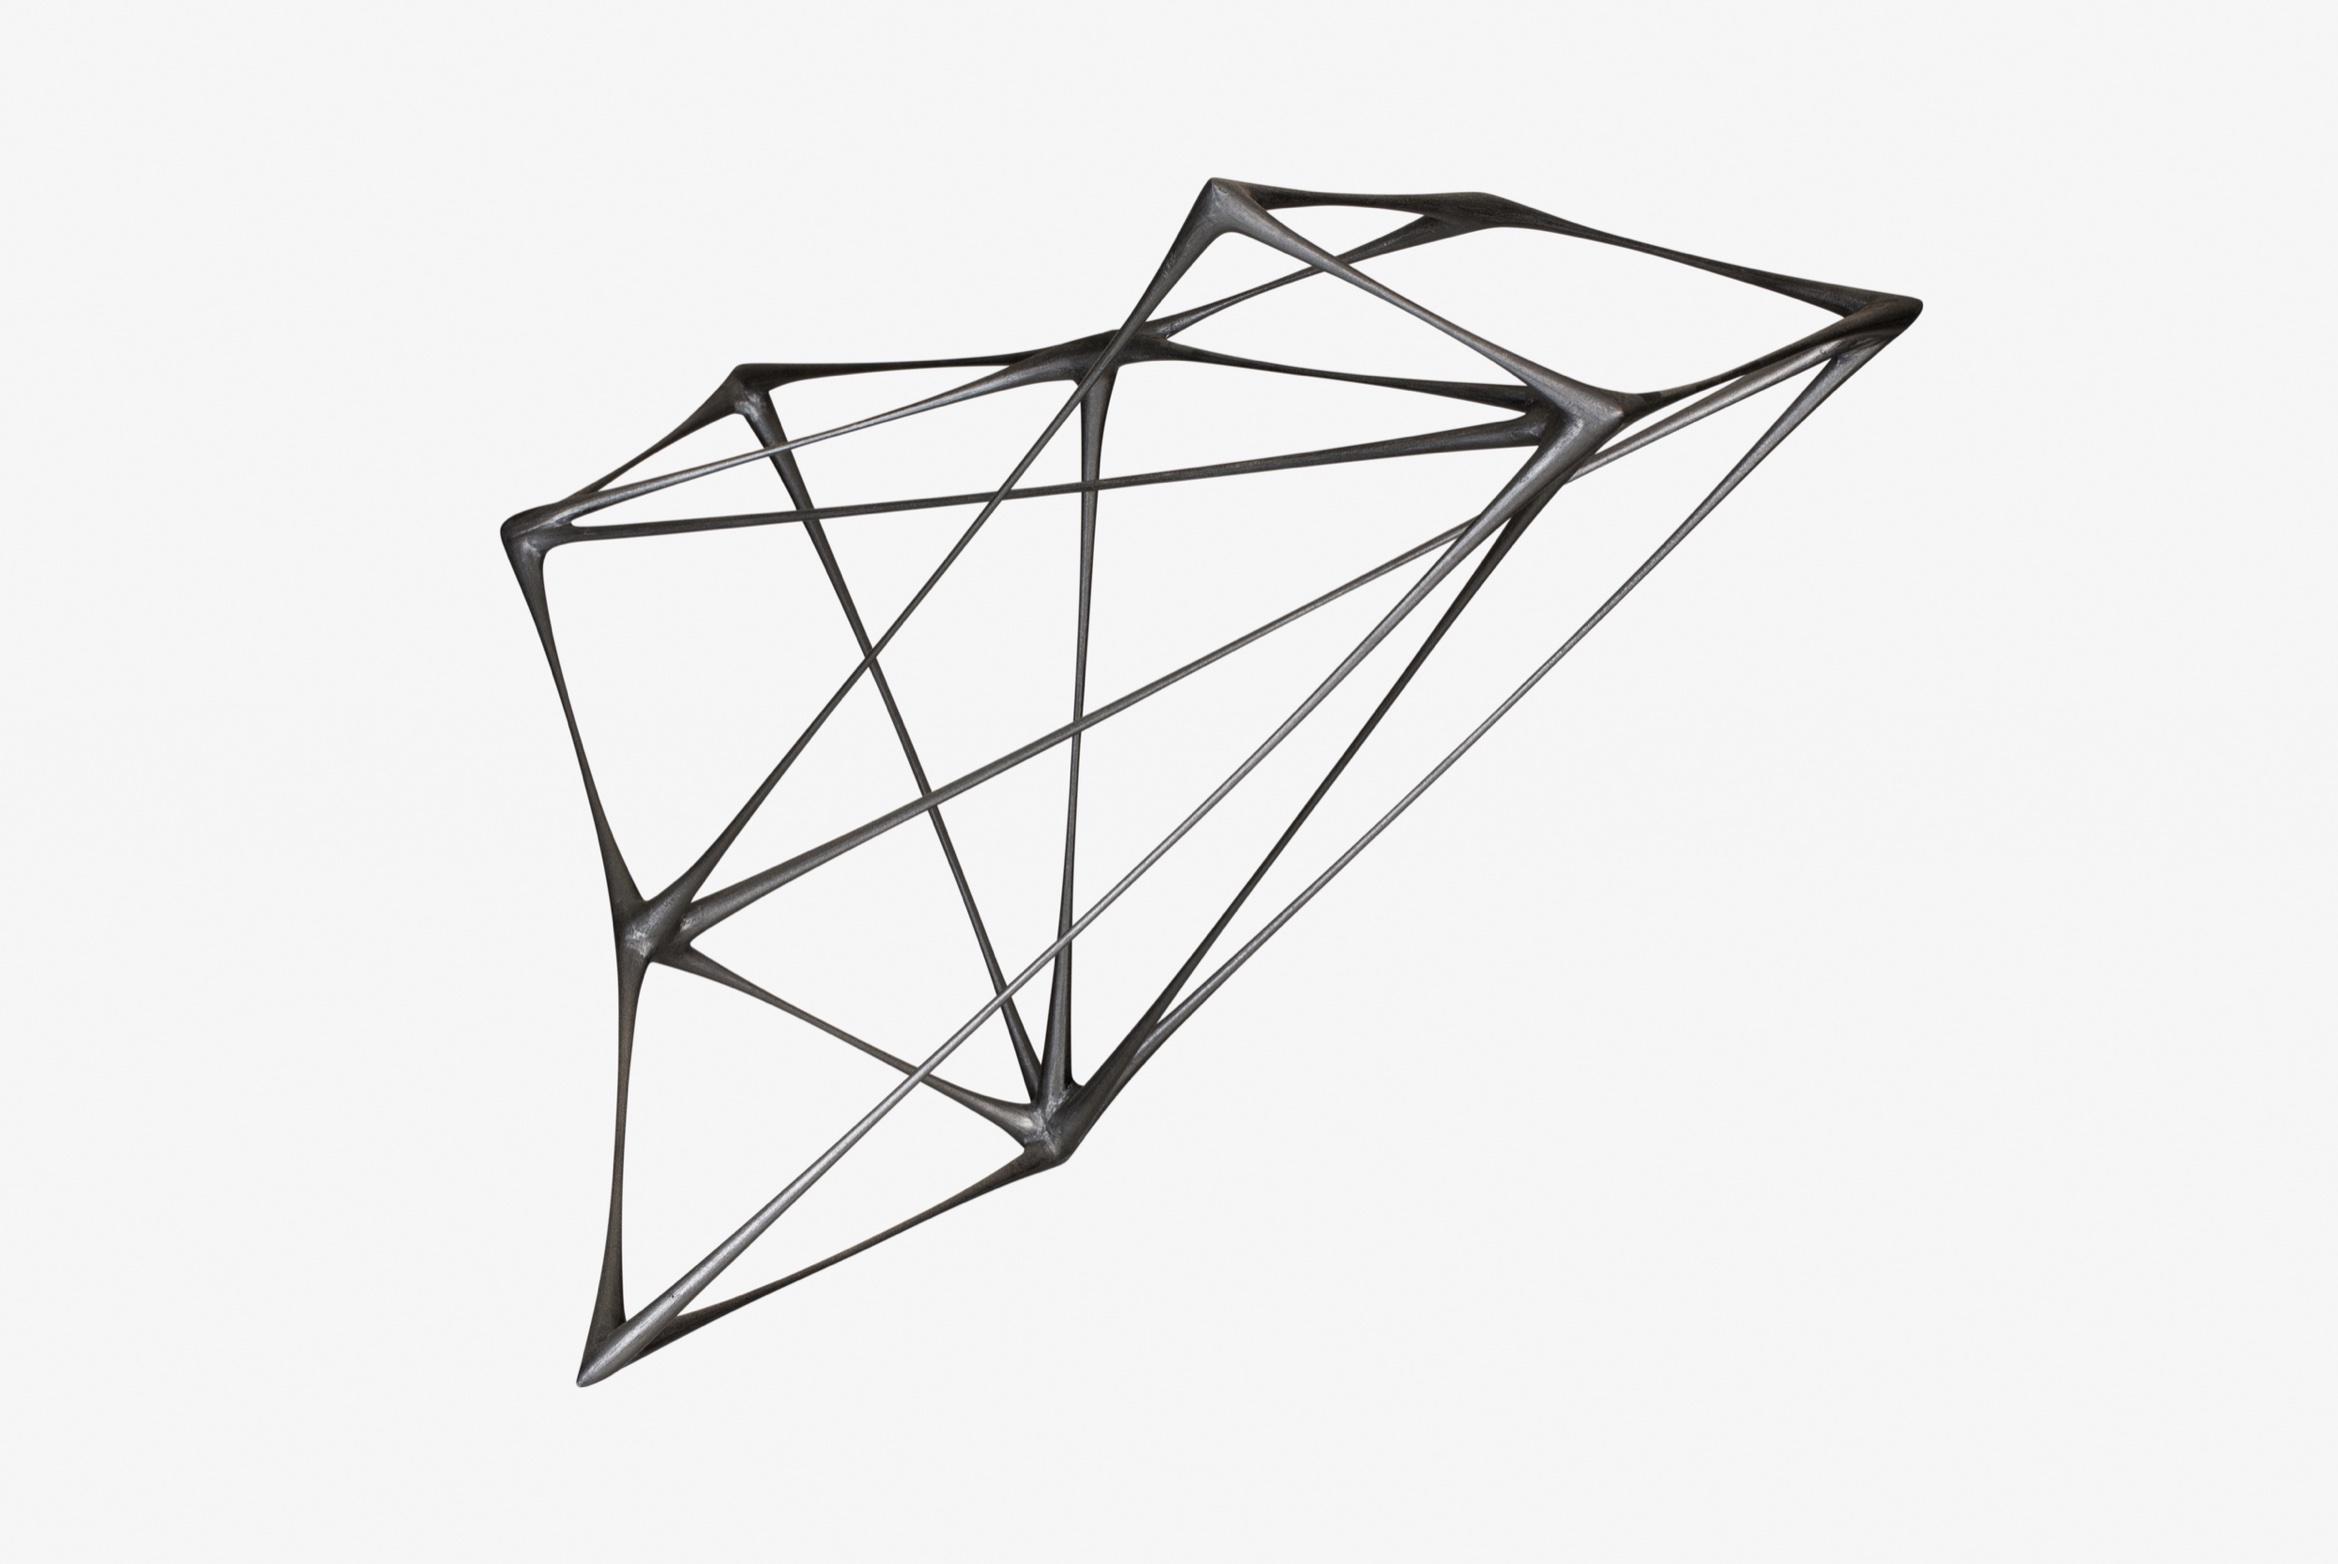 Black Kite, a metal sculpture by artist Christopher Kurtz